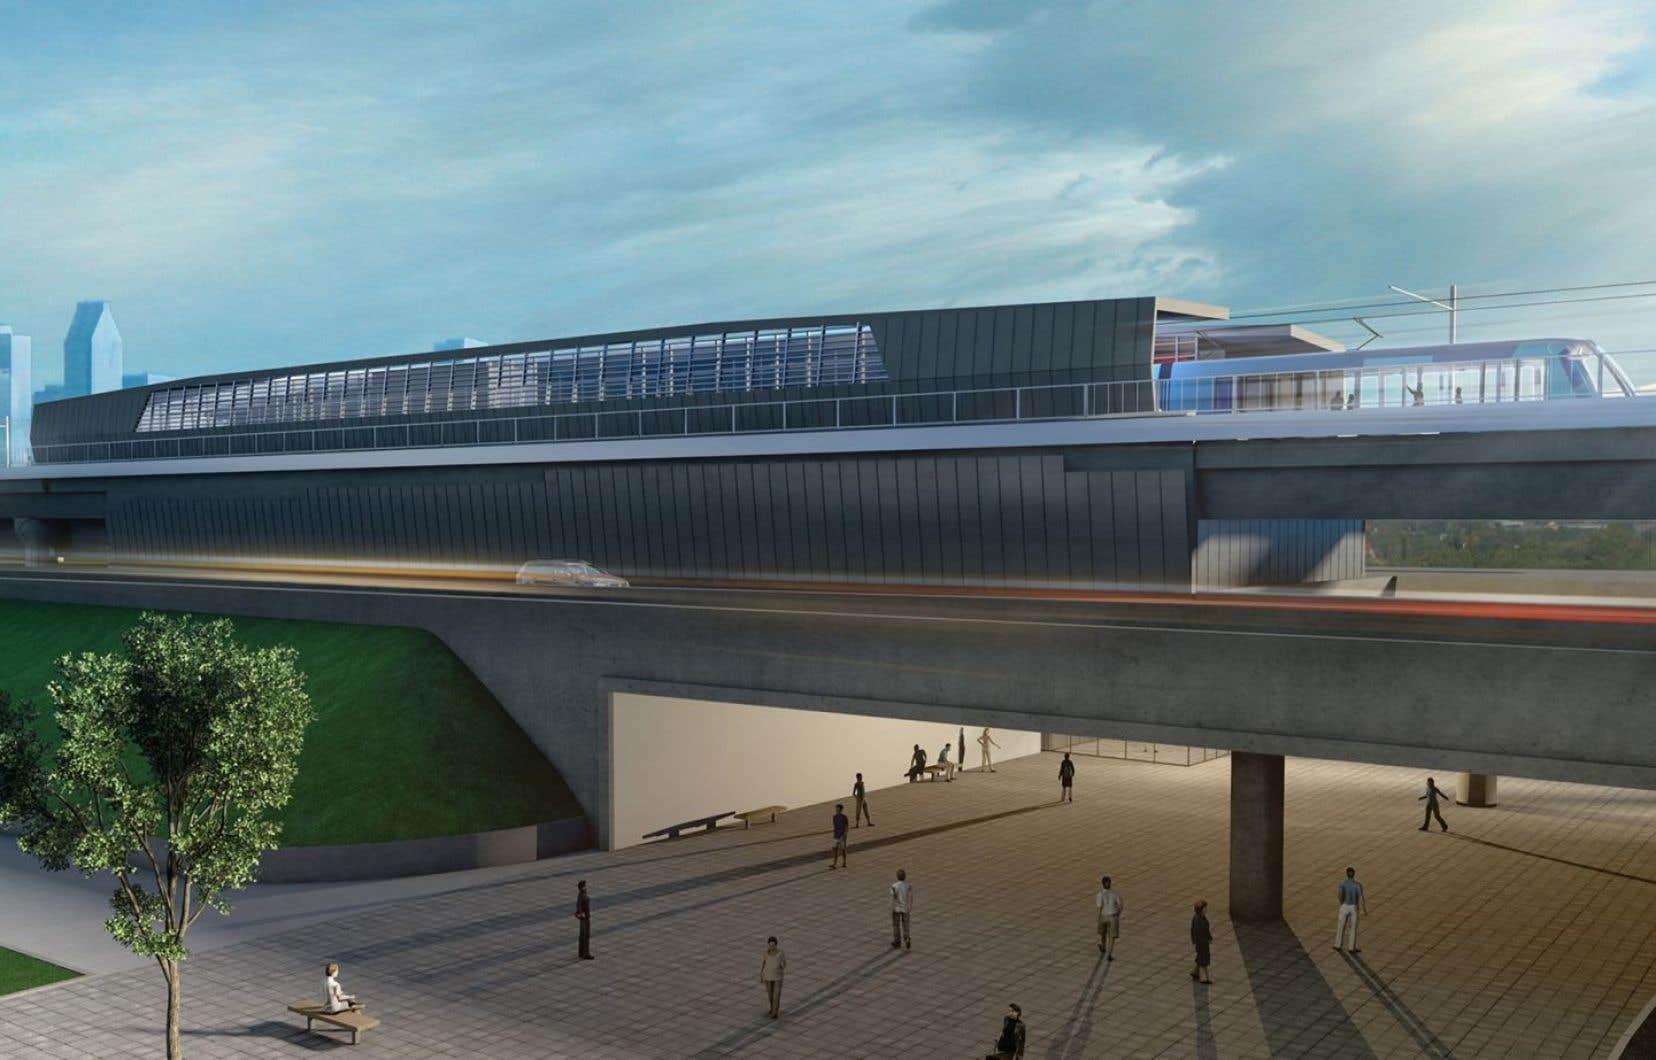 Le coût de construction estimé du REM est de 5,5 milliards pour un réseau de 67 km.